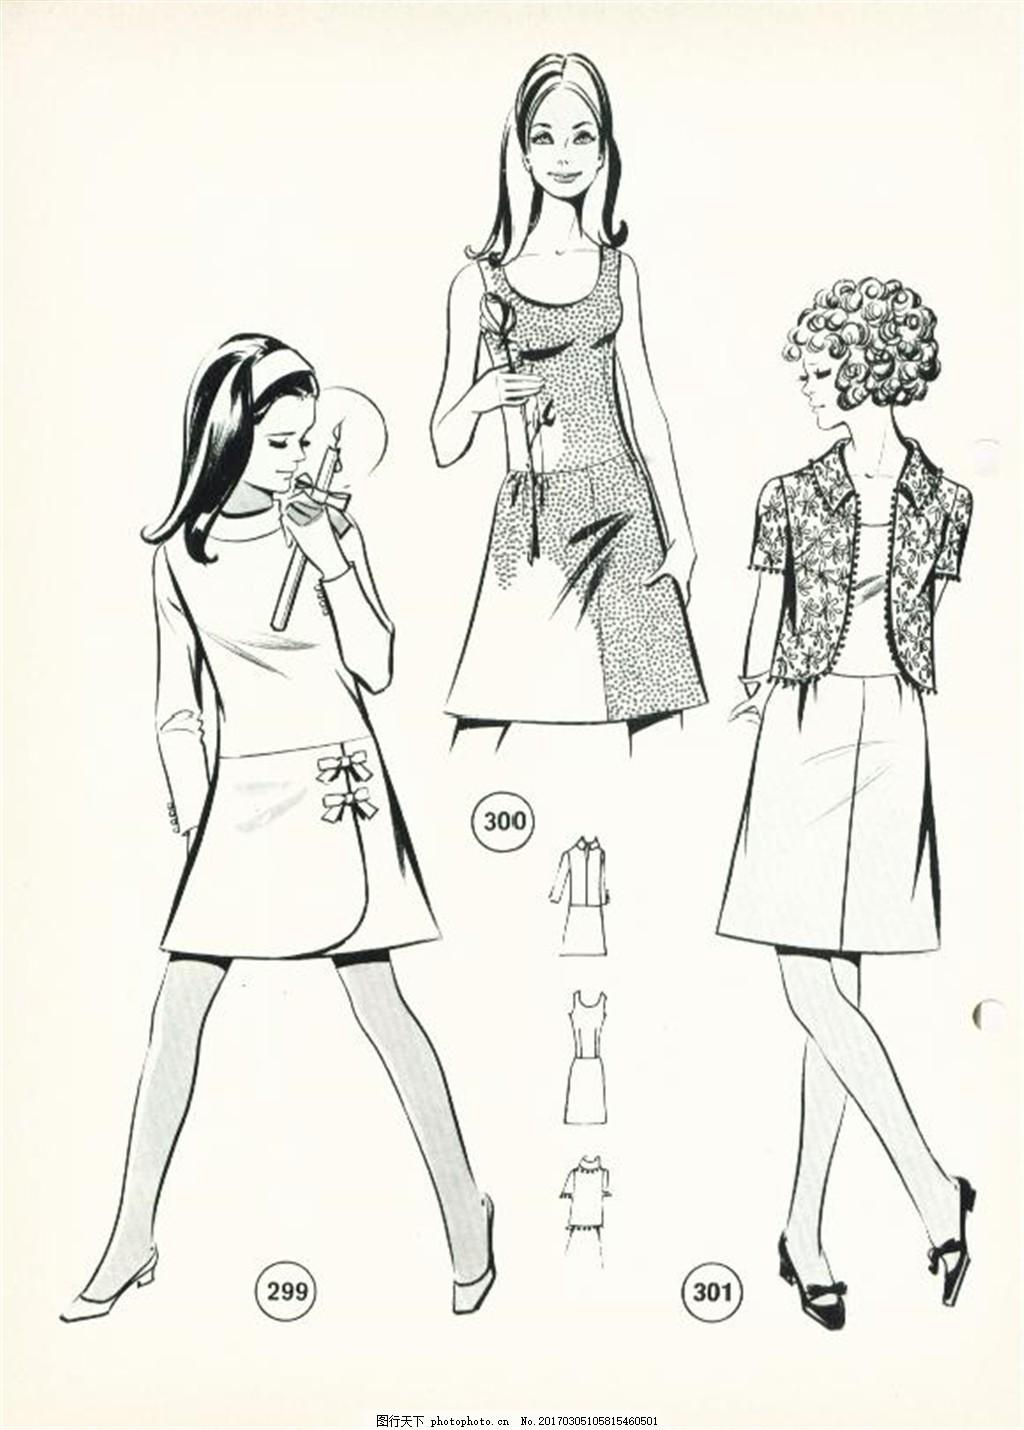 三款女装短裙设计图 服装设计 时尚女装 职业女装 职业装 女装设计